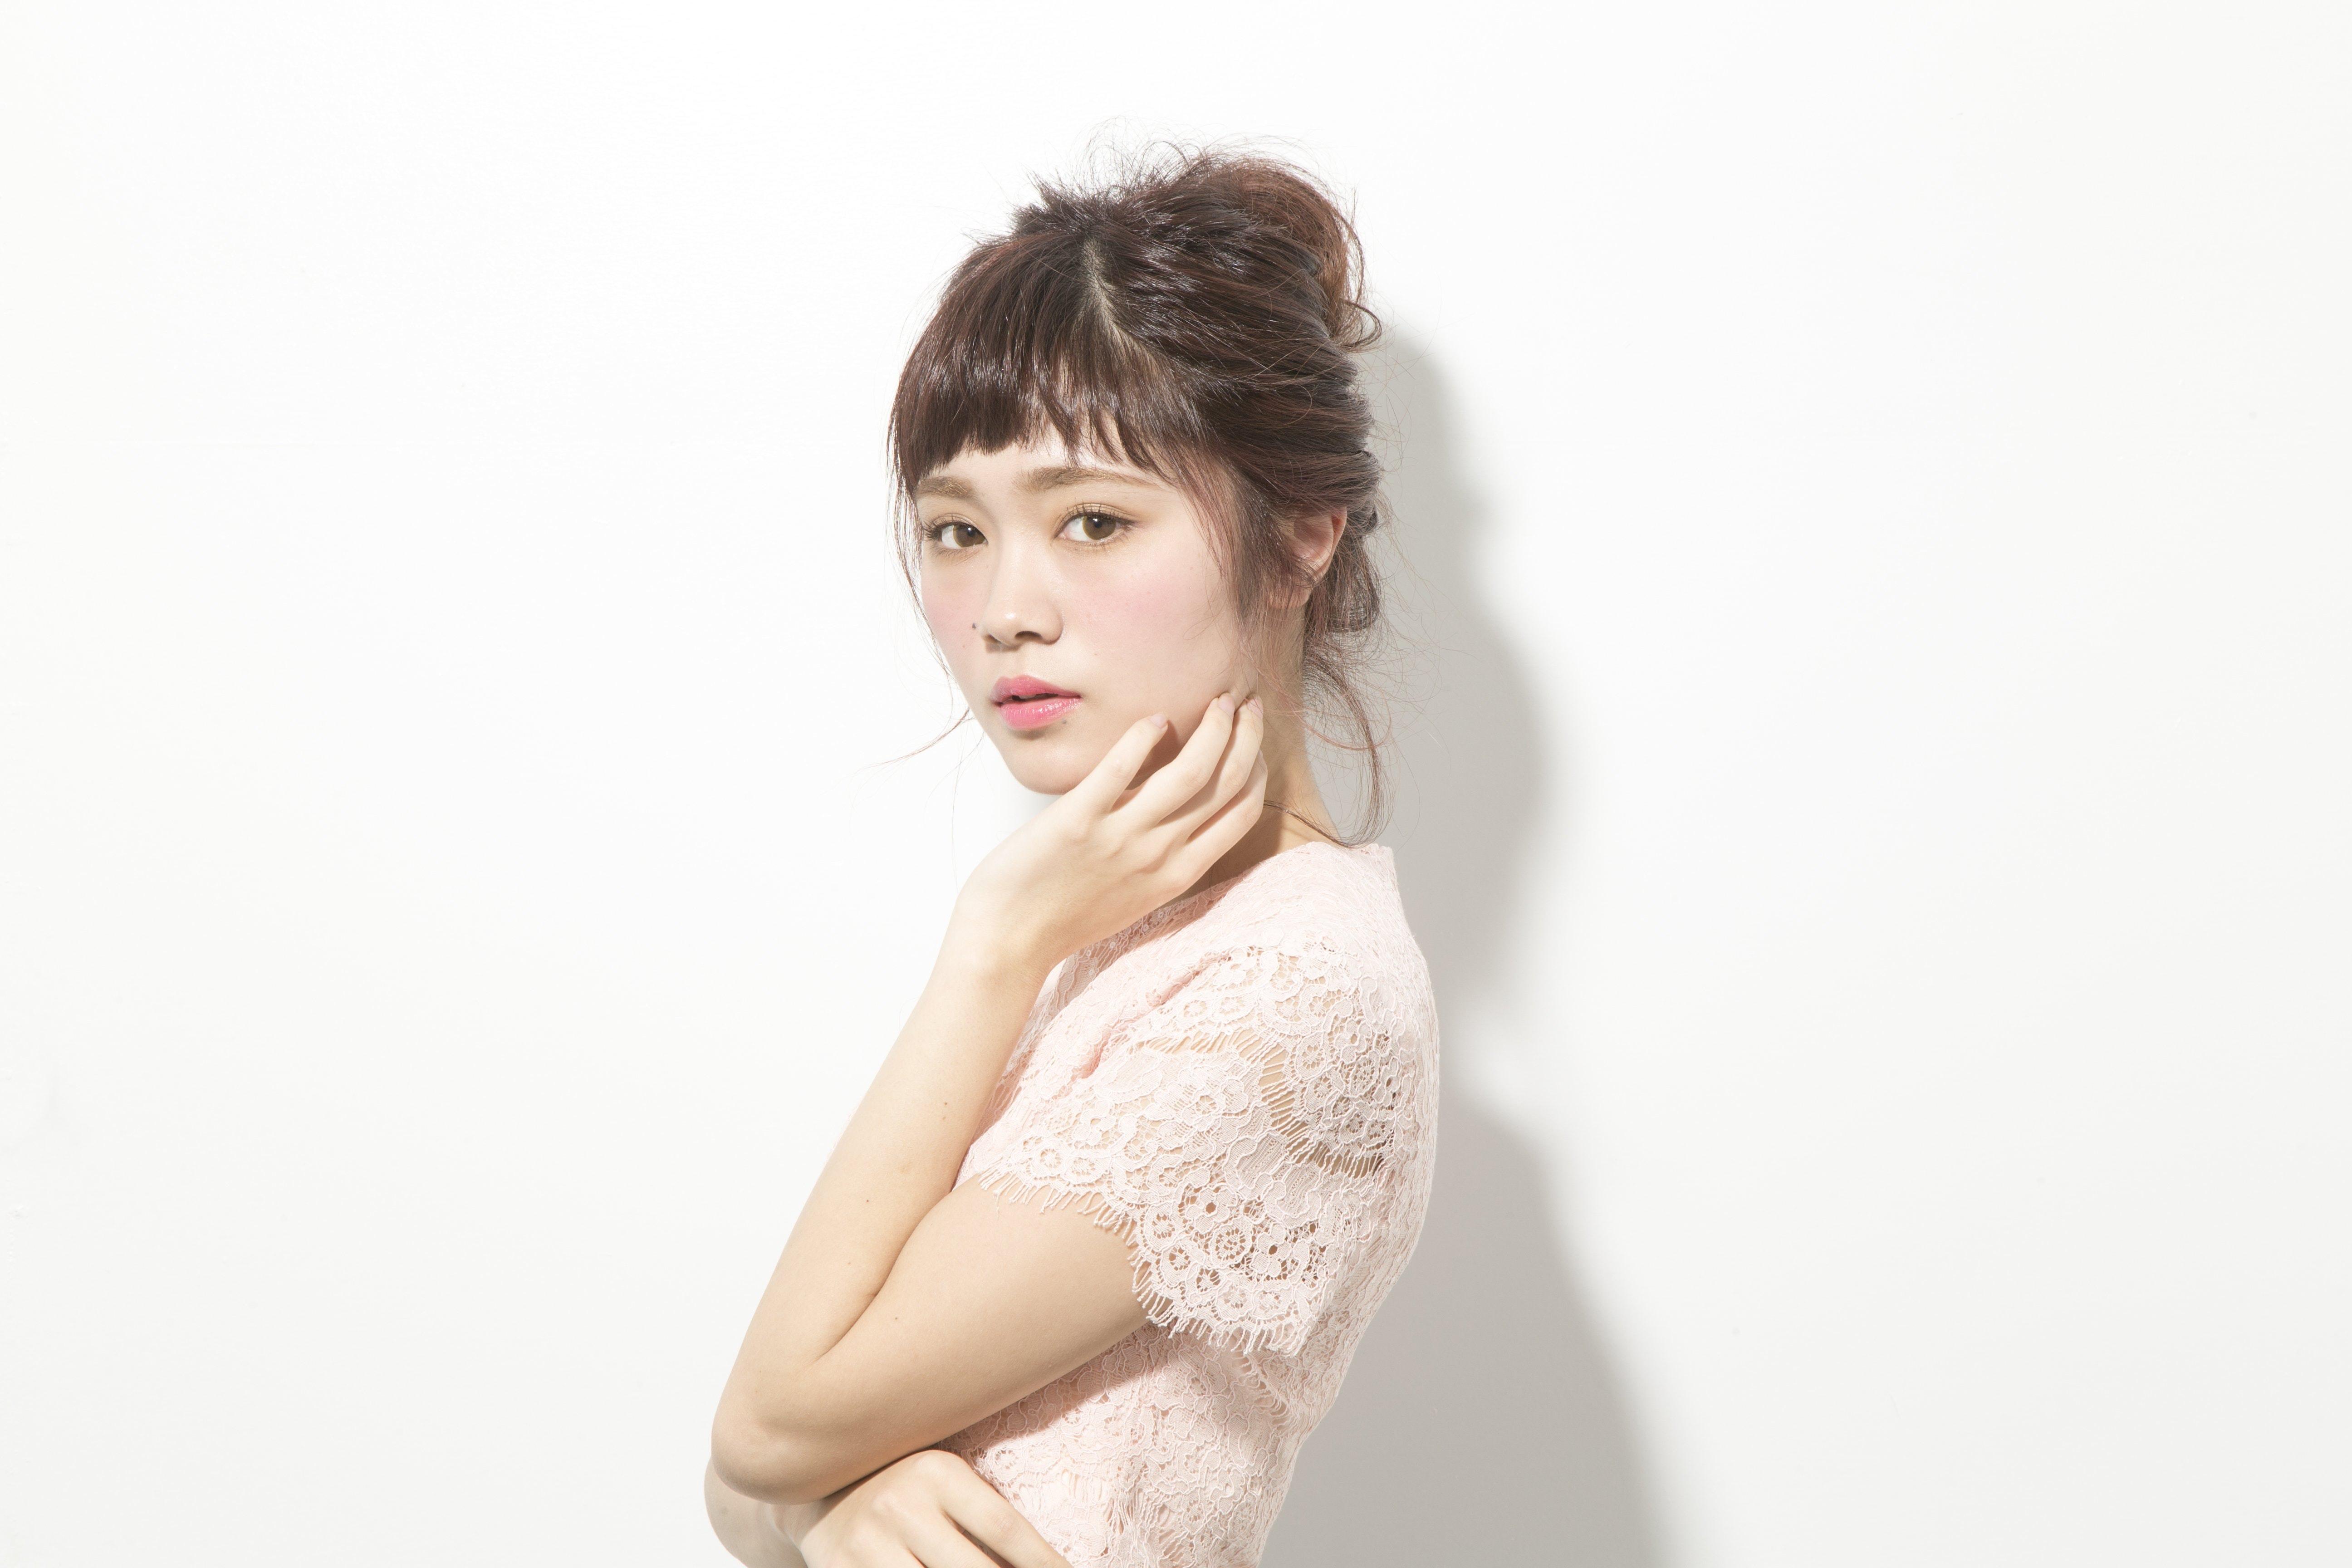 【2017春夏】スタイリストオススメ10のカラー♡簡単可愛いヘアアレンジ付きのサムネイル画像